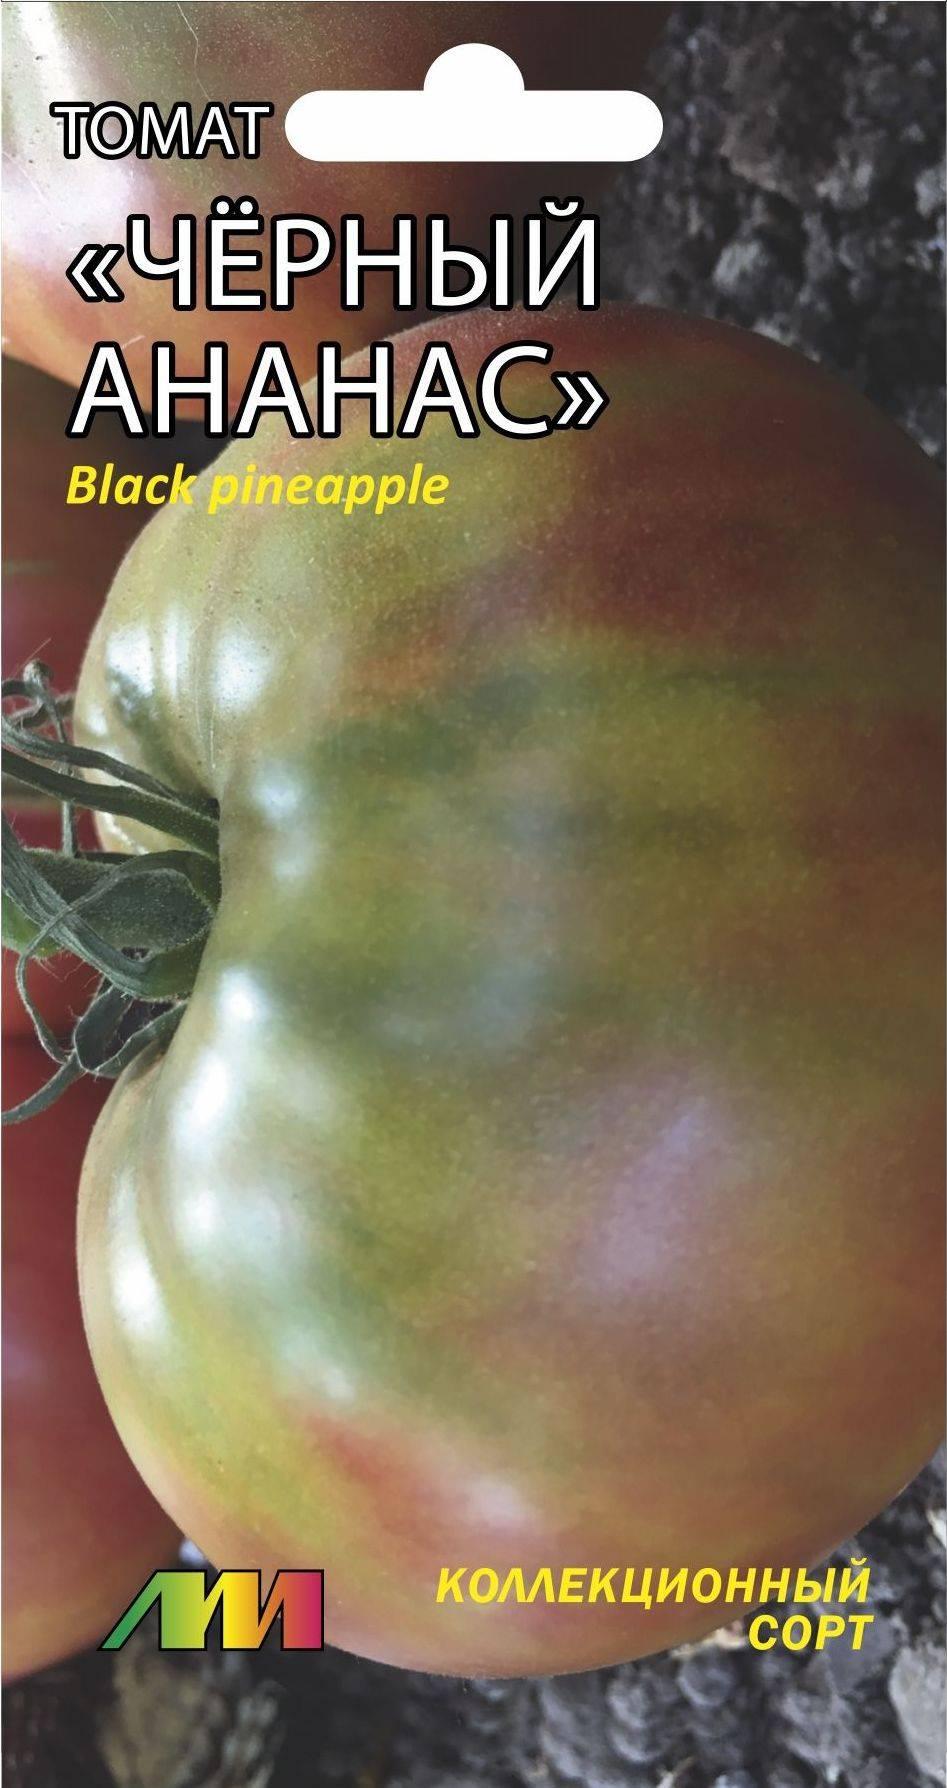 Томат черный ананас: описание и характеристика сорта, фото, отзывы, урожайность